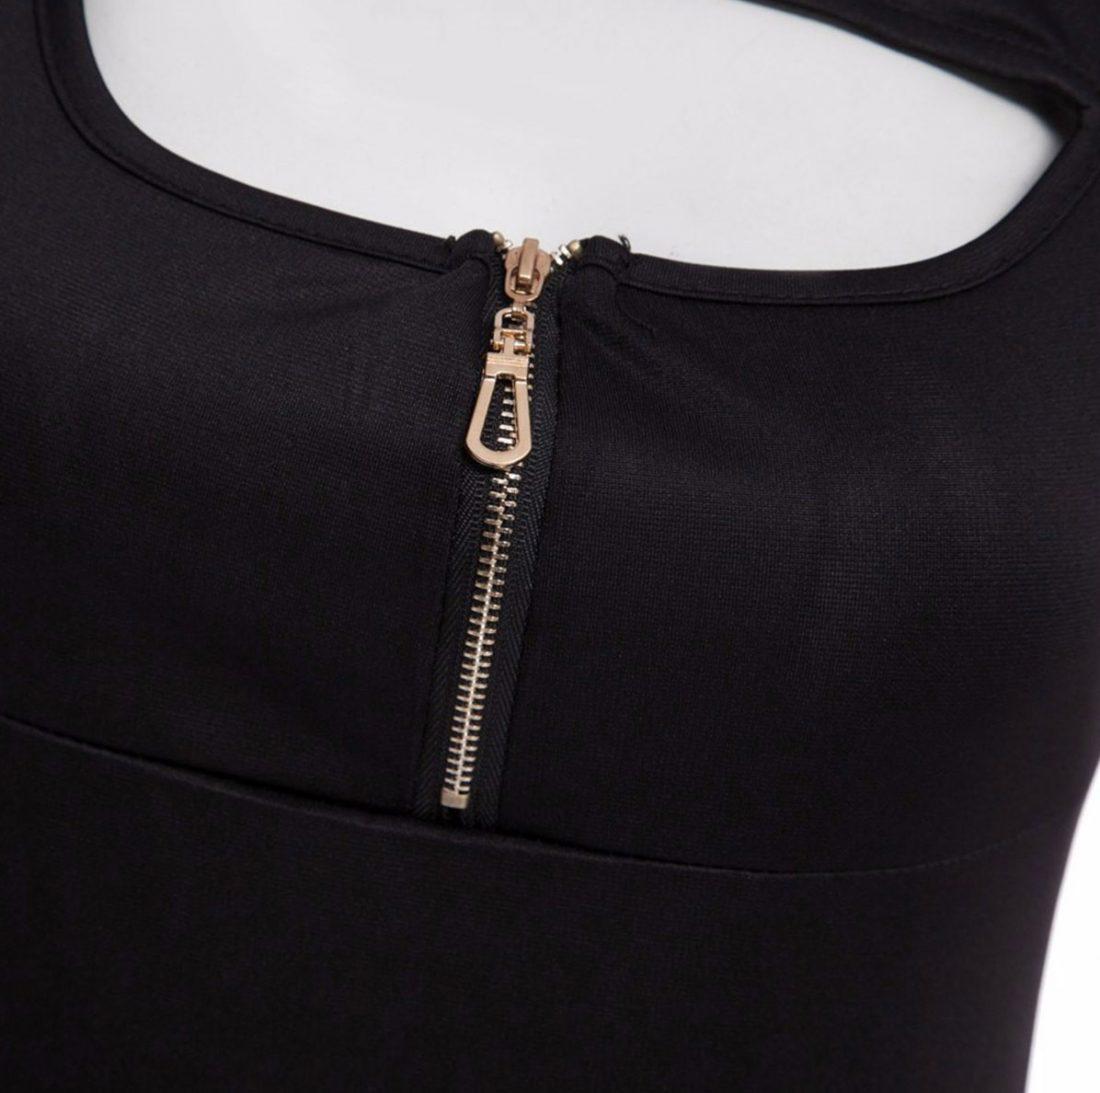 M0176 black3 Party Dresses maureens.com boutique